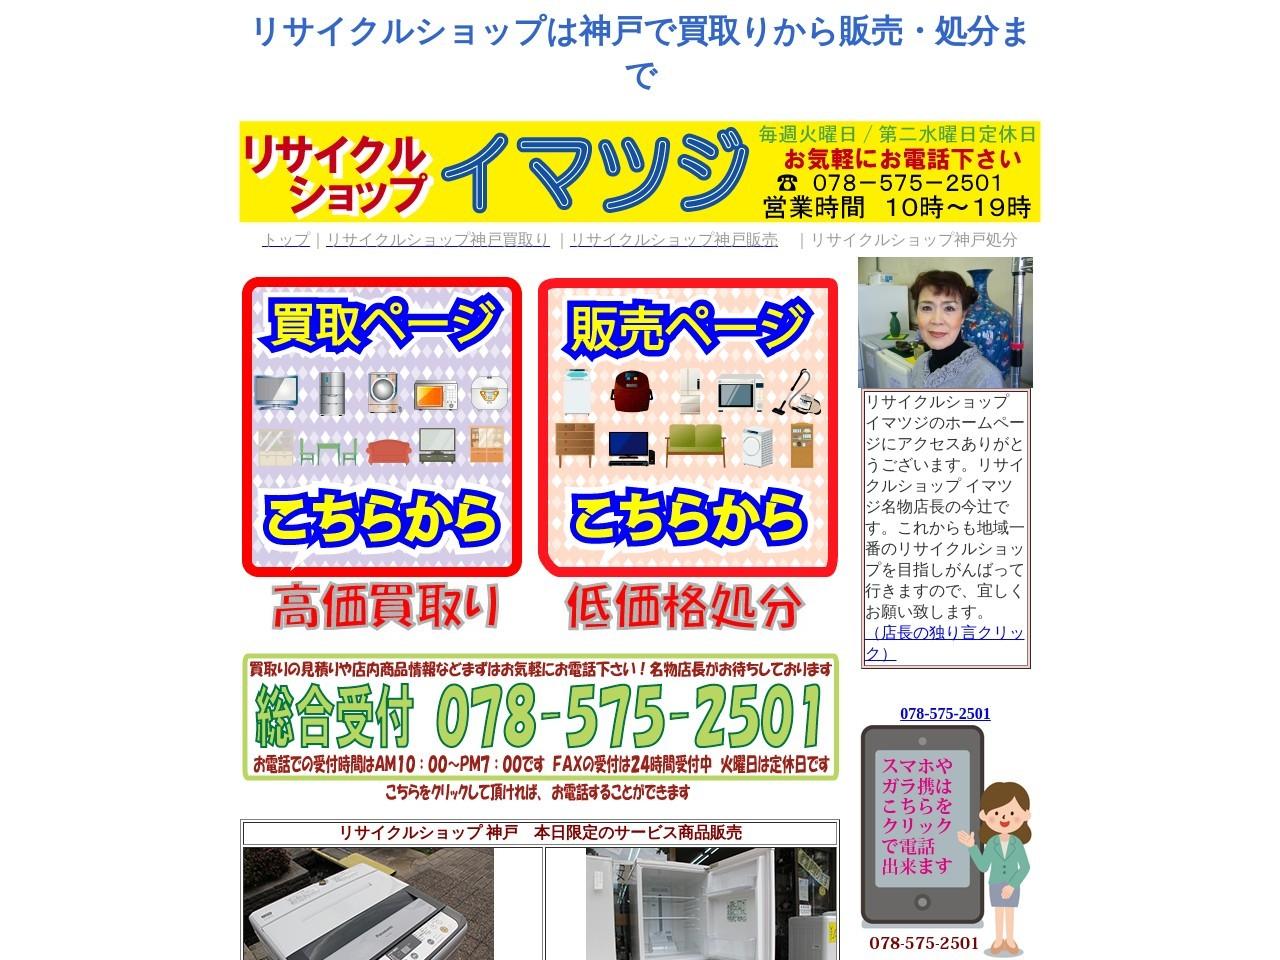 リサイクルショップ イマツジは神戸で買取販売処分する総合リサイクルショップ|リサイクルショップ神戸